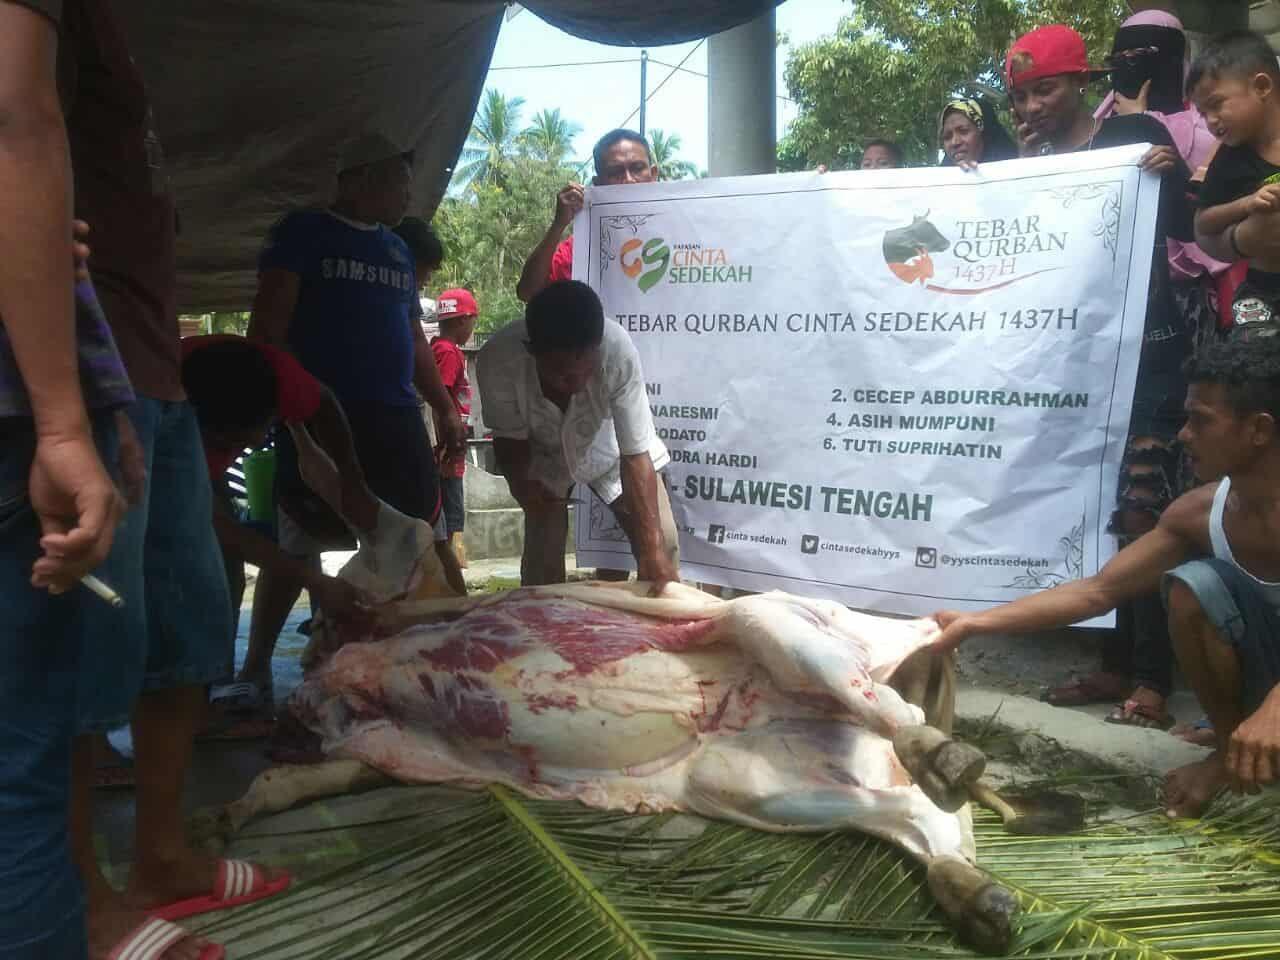 Tebar Qurban Cinta Sedekah 1437H di Palu Sulawesi Selatan